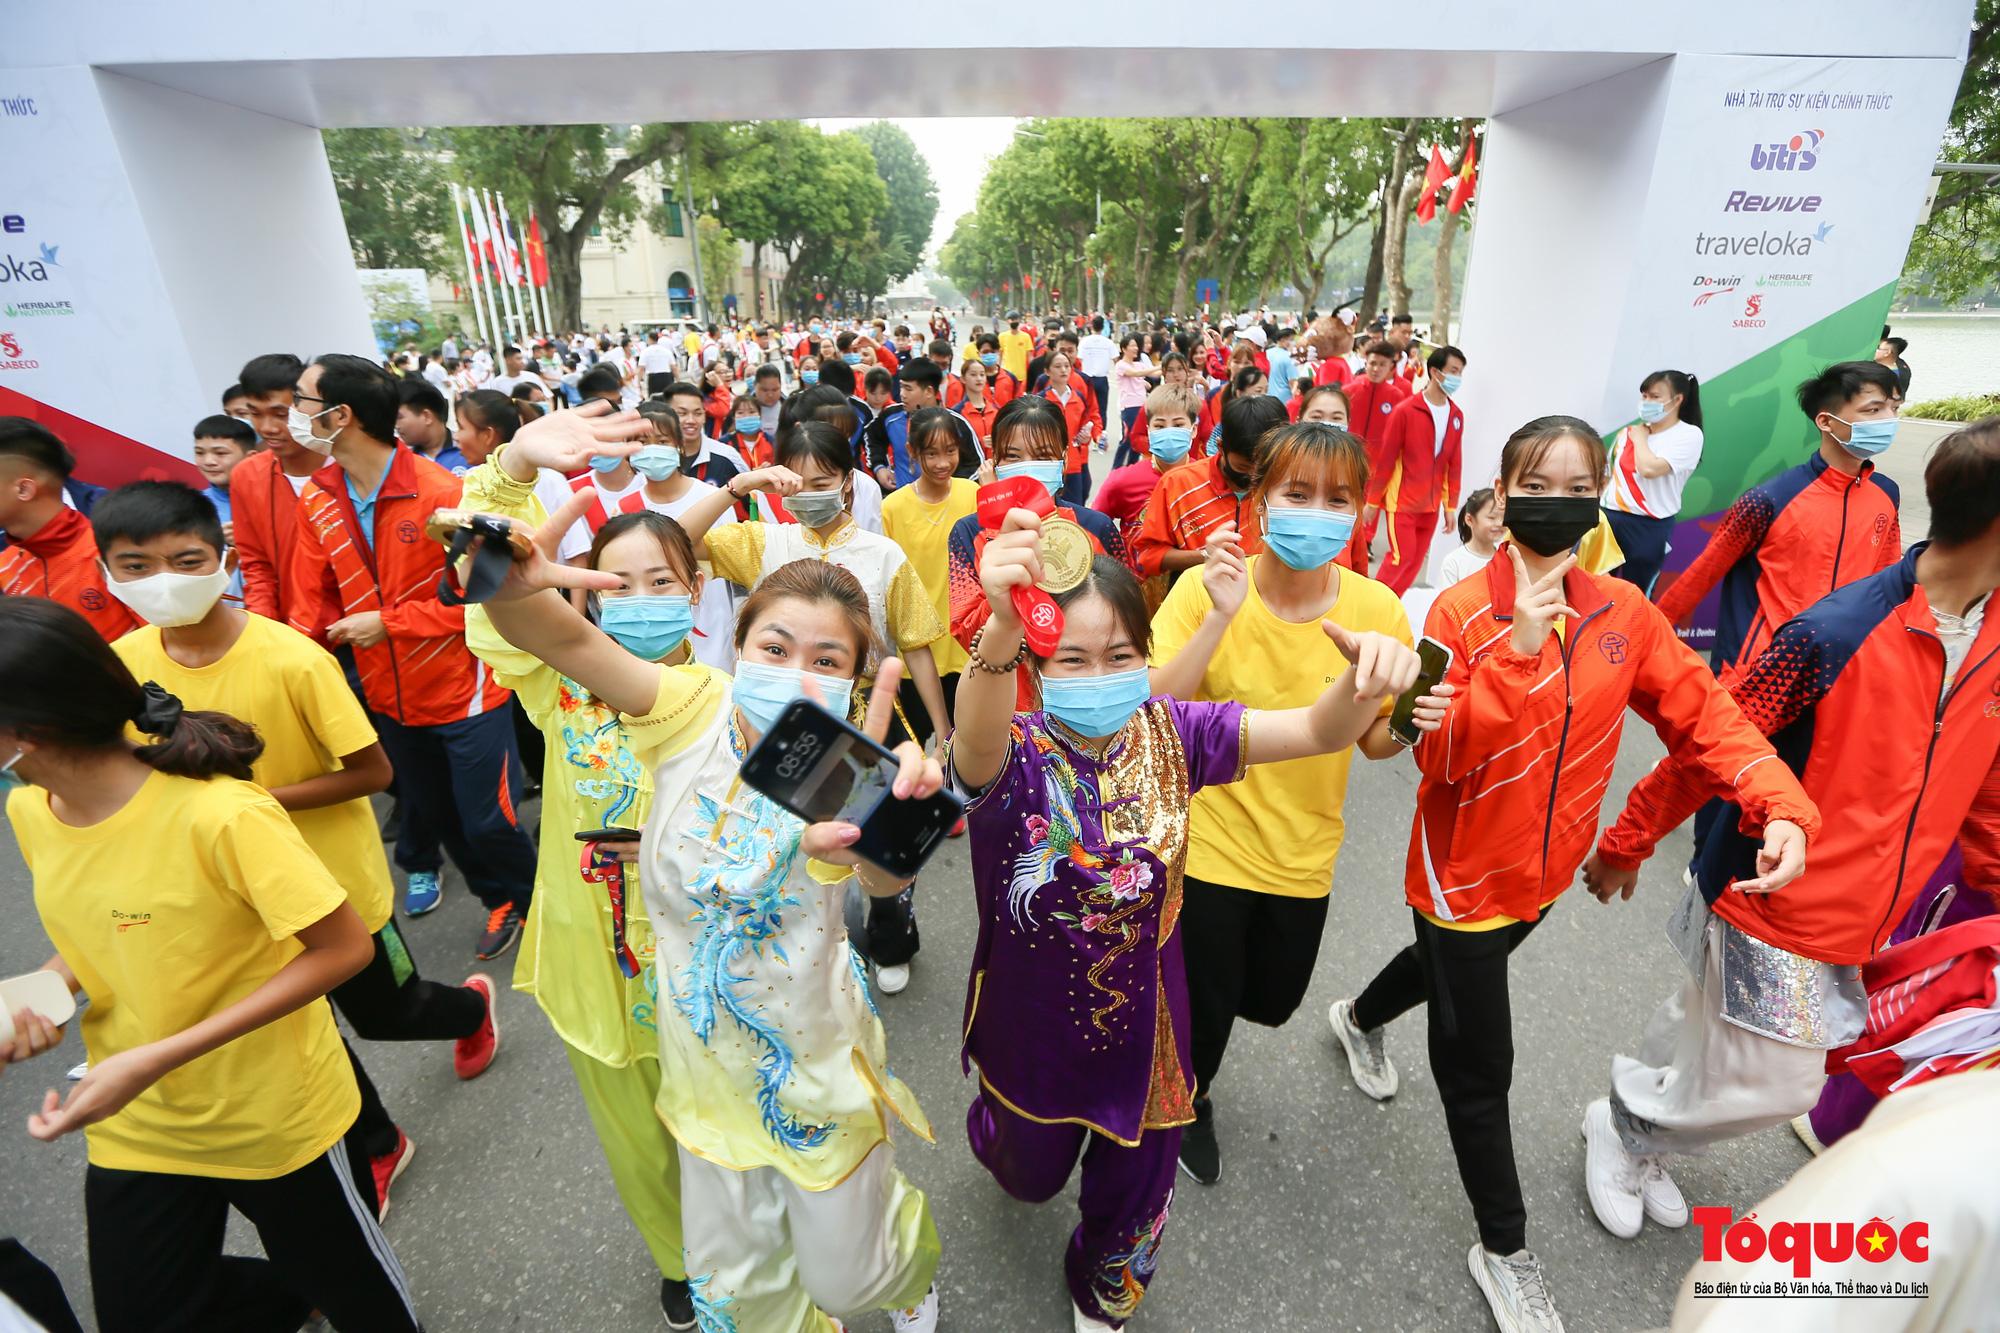 Khởi động cùng SEA Games 31 - Việt Nam sẵn sàng cho Đại hội thể thao lớn nhất Đông Nam Á  - Ảnh 11.